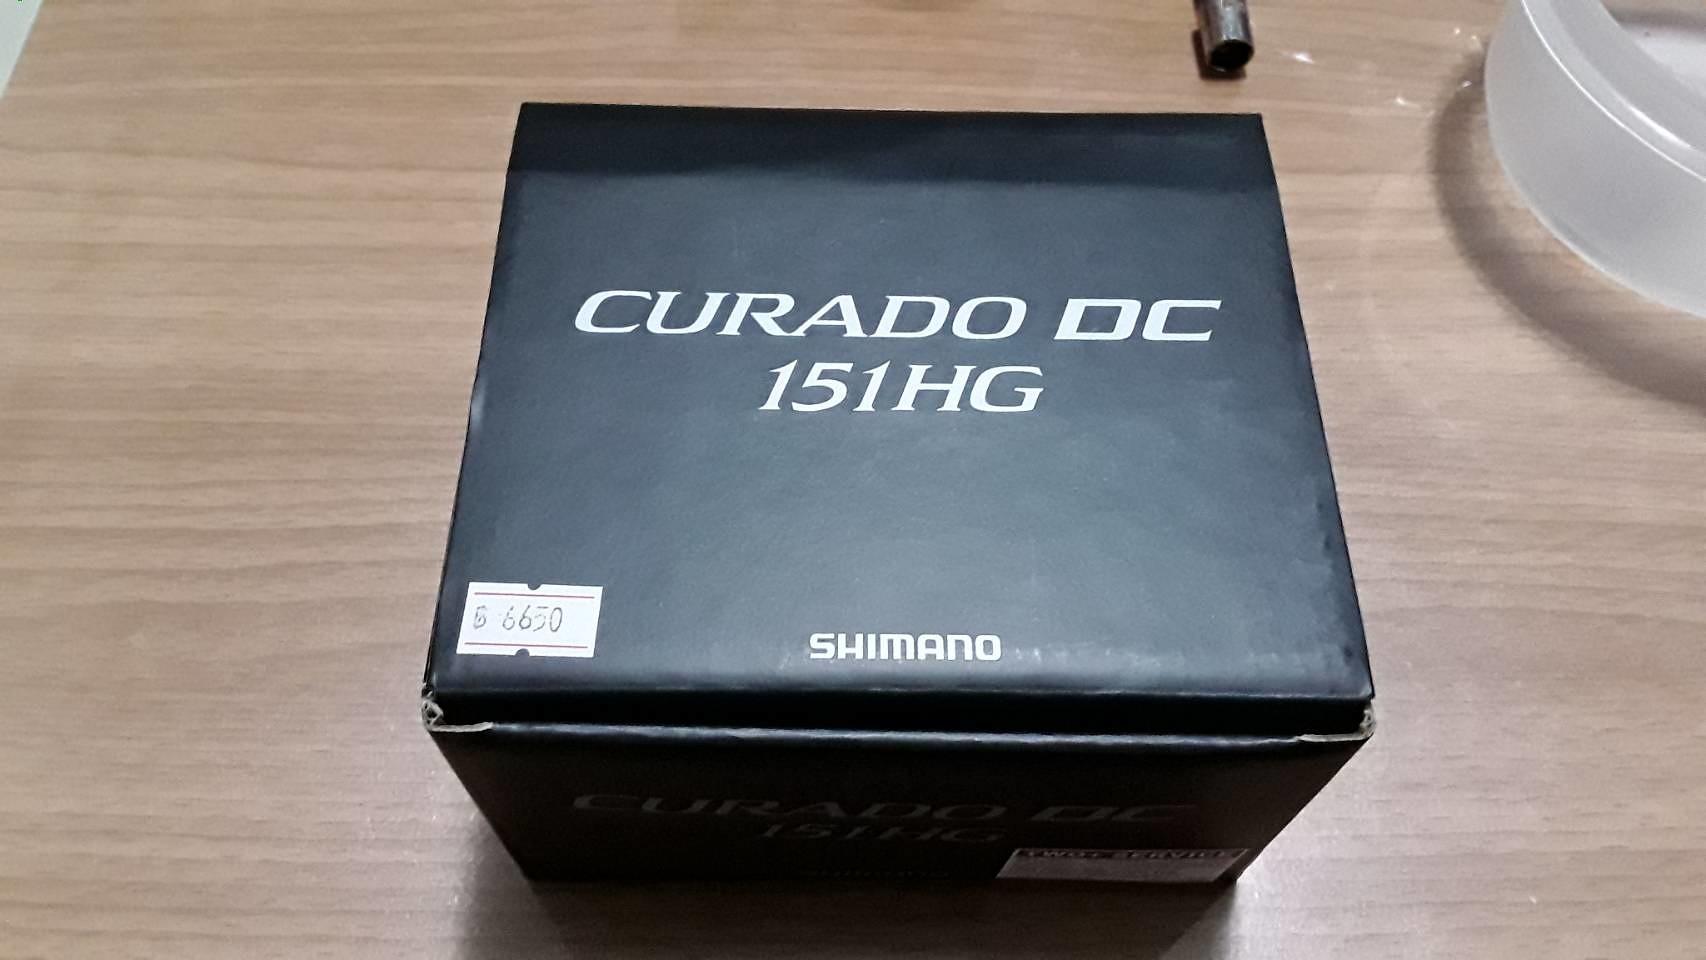 ขอสนก่อนเลย shimano curado 151 HG DC